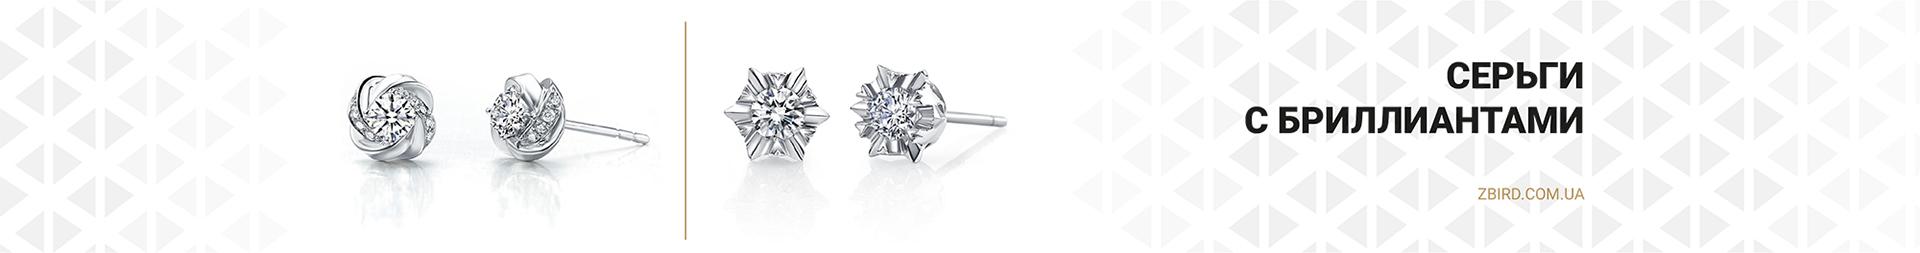 Ювелірні вироби з діамантами 251d0923dbc76